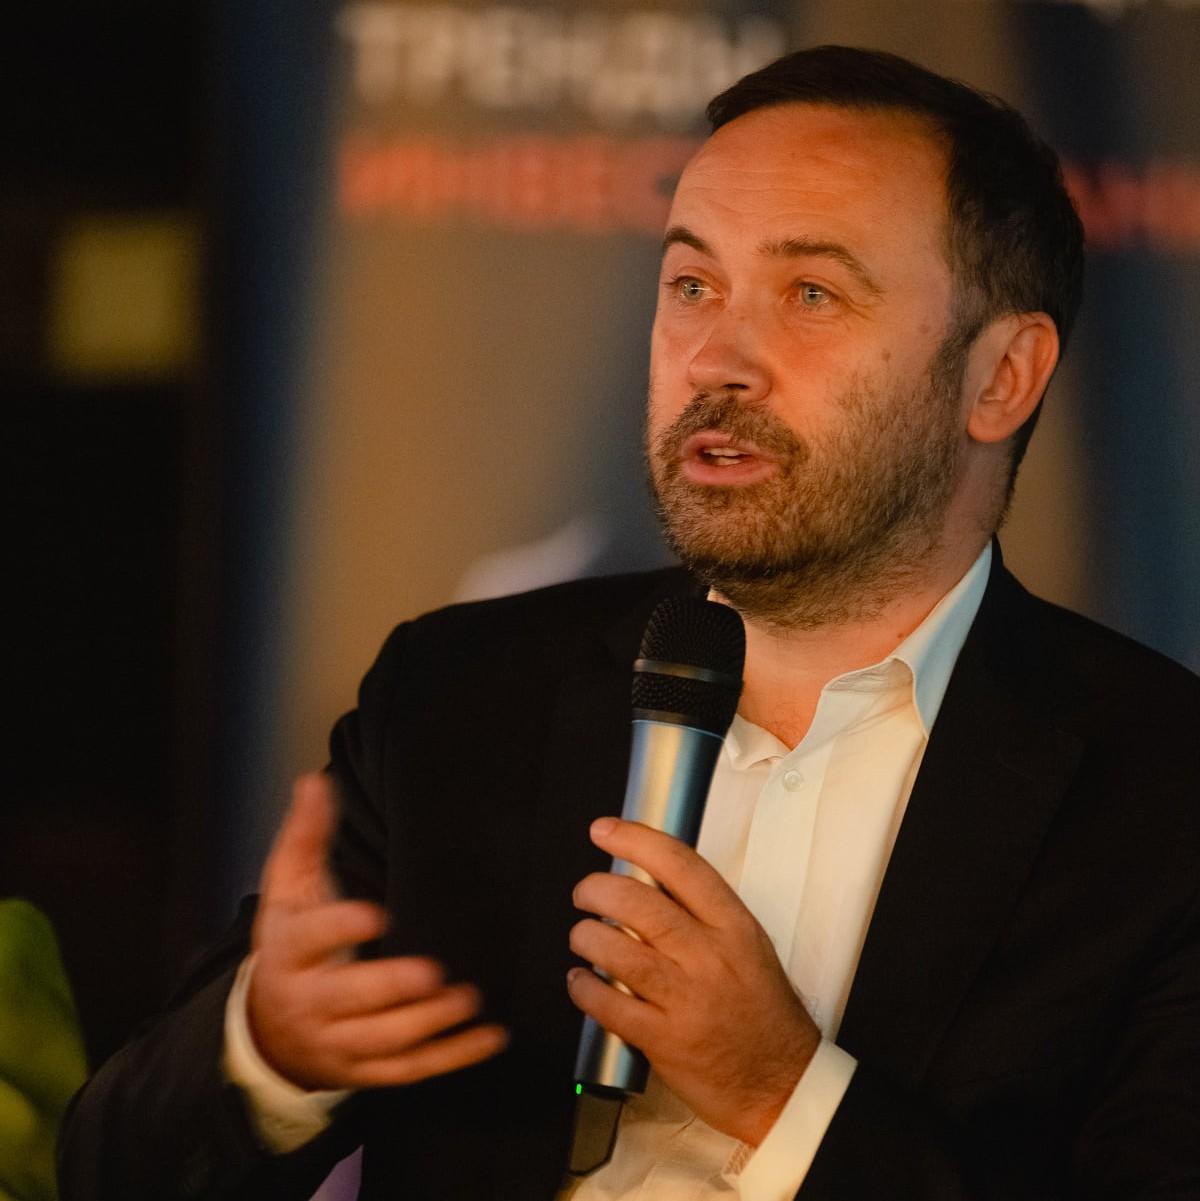 Илья Пономарев, СЕО и акционер Trident Acquisitions